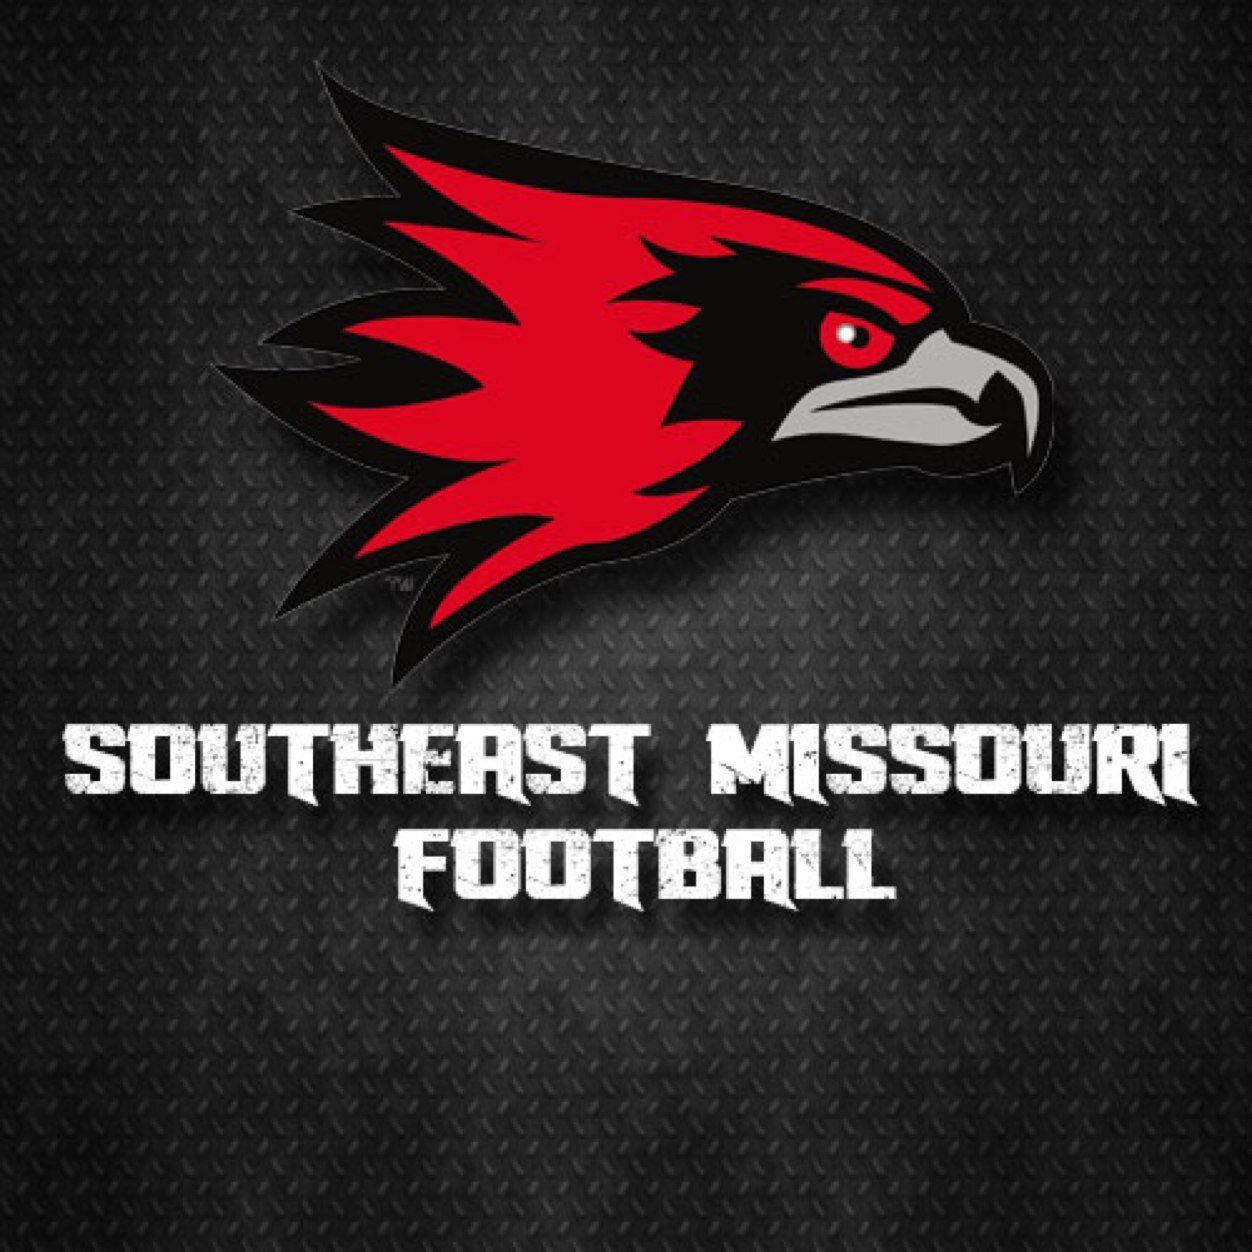 Southeast Missouri State University - Southeast Missouri State Football